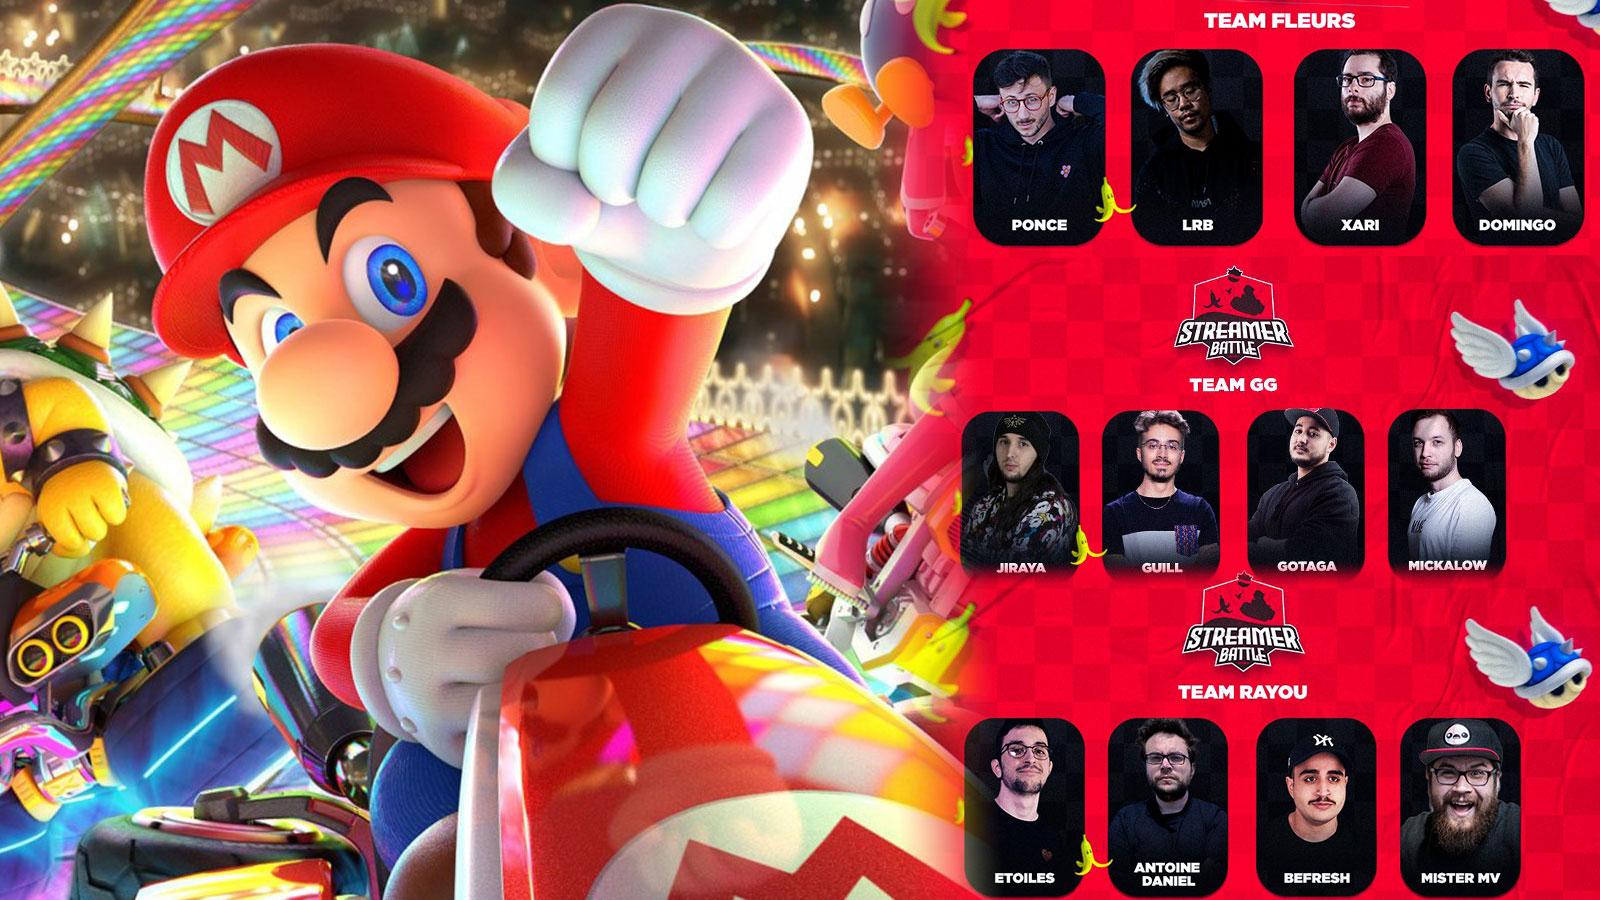 Des streamers se sont livrés à une compétition d'exception sur Mario Kart 8 pour la Streambattle